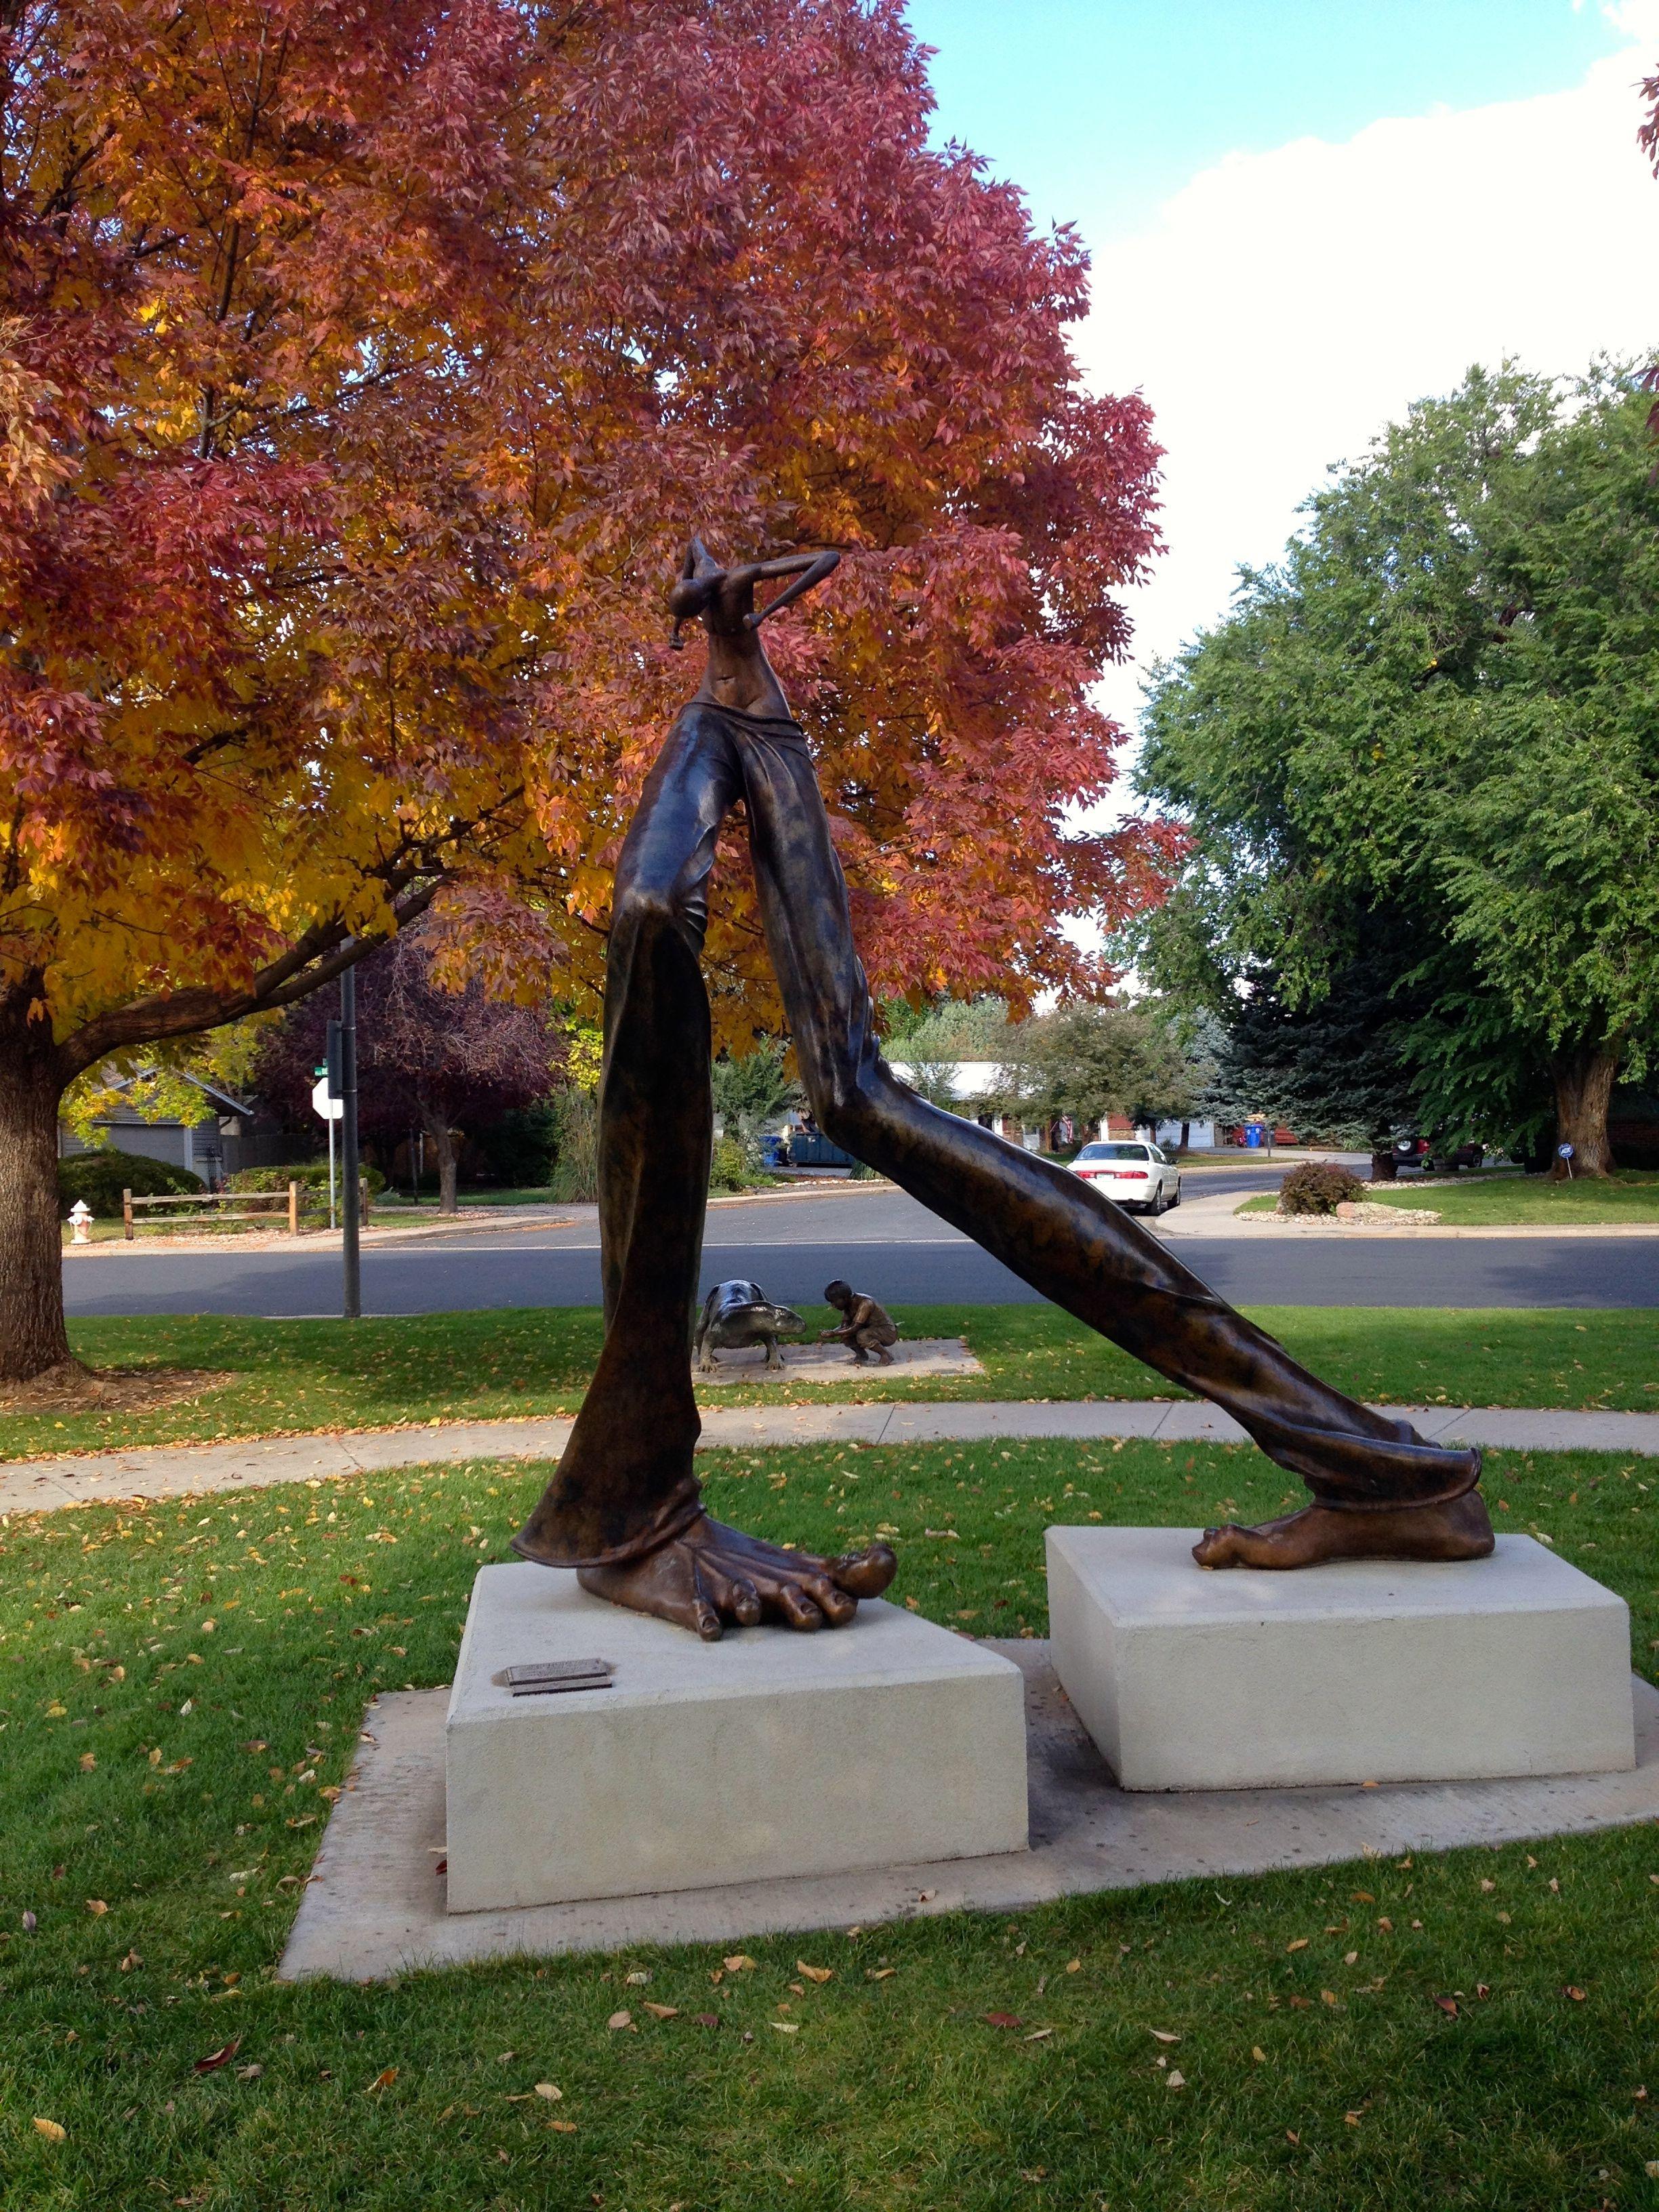 Loveland Sculpture Park Sculpture, Sculpture park